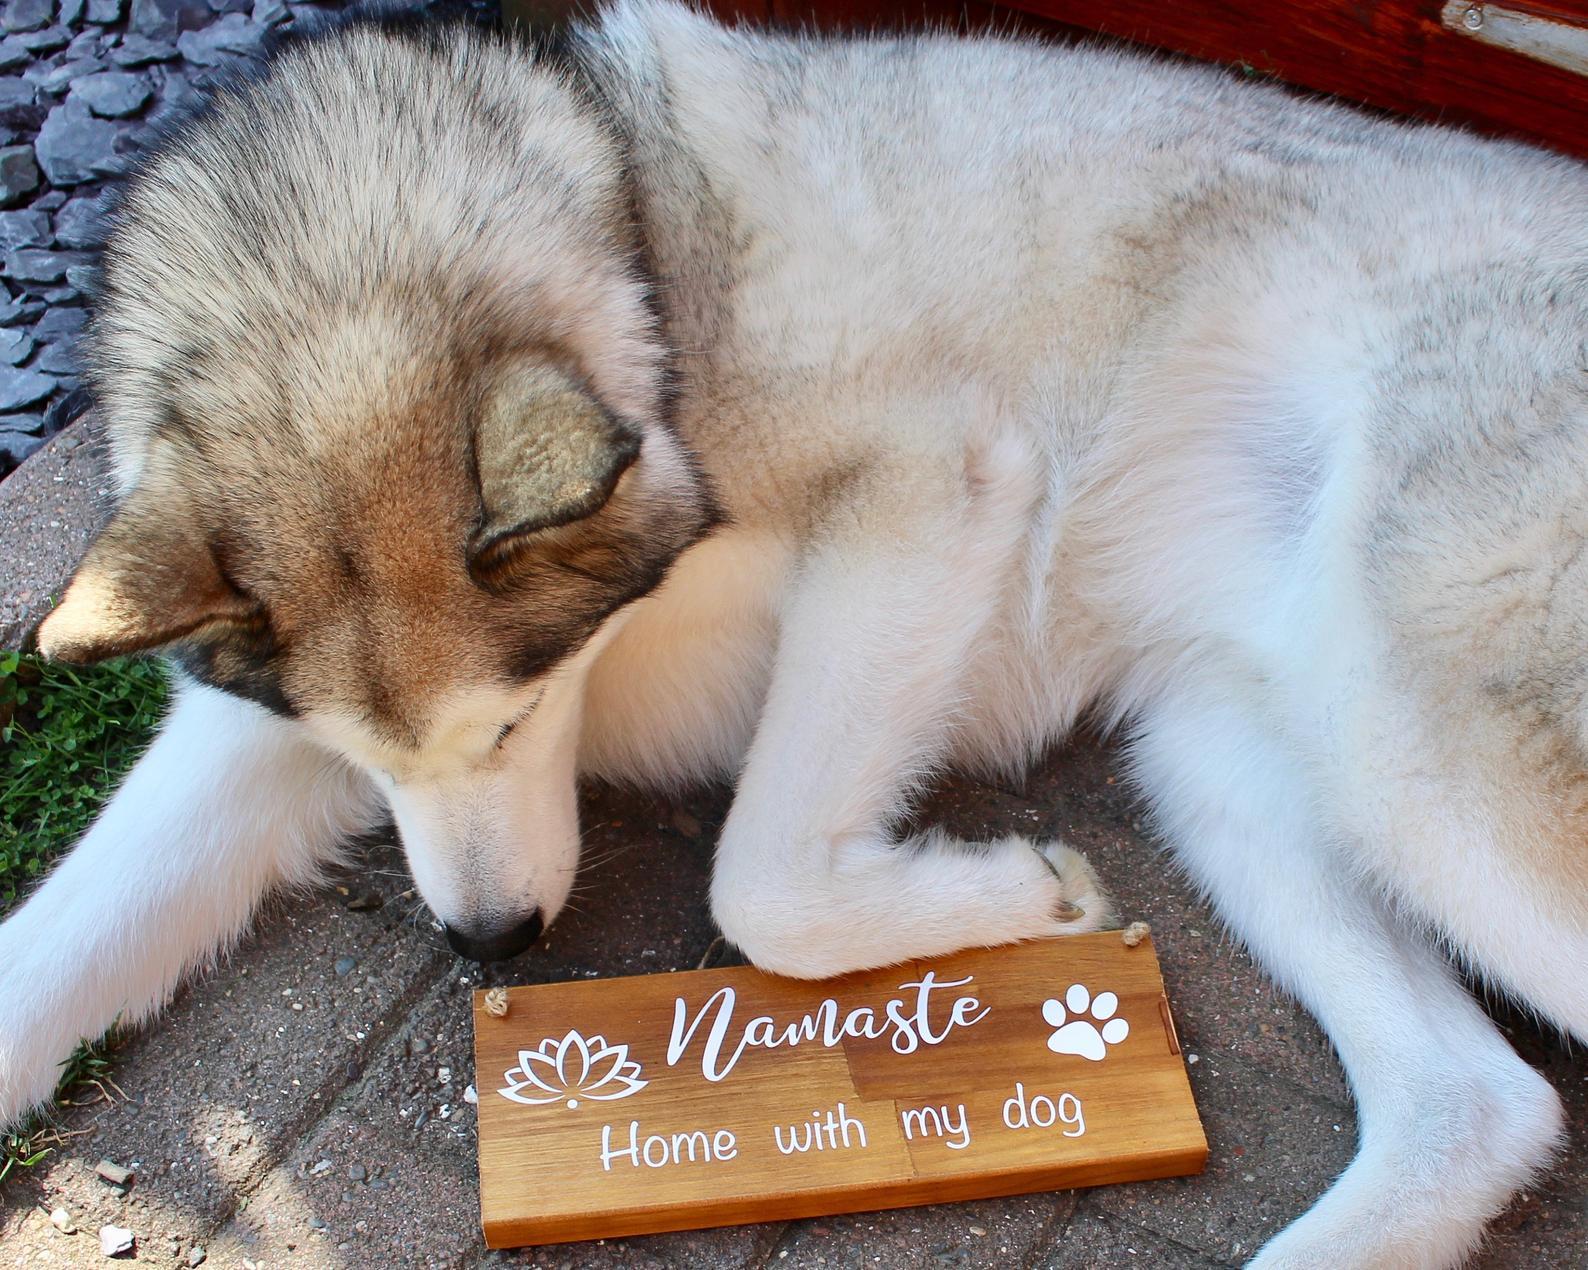 """""""Namaste home with my dog"""" - Image via Samantha Jayne Art (Etsy)"""